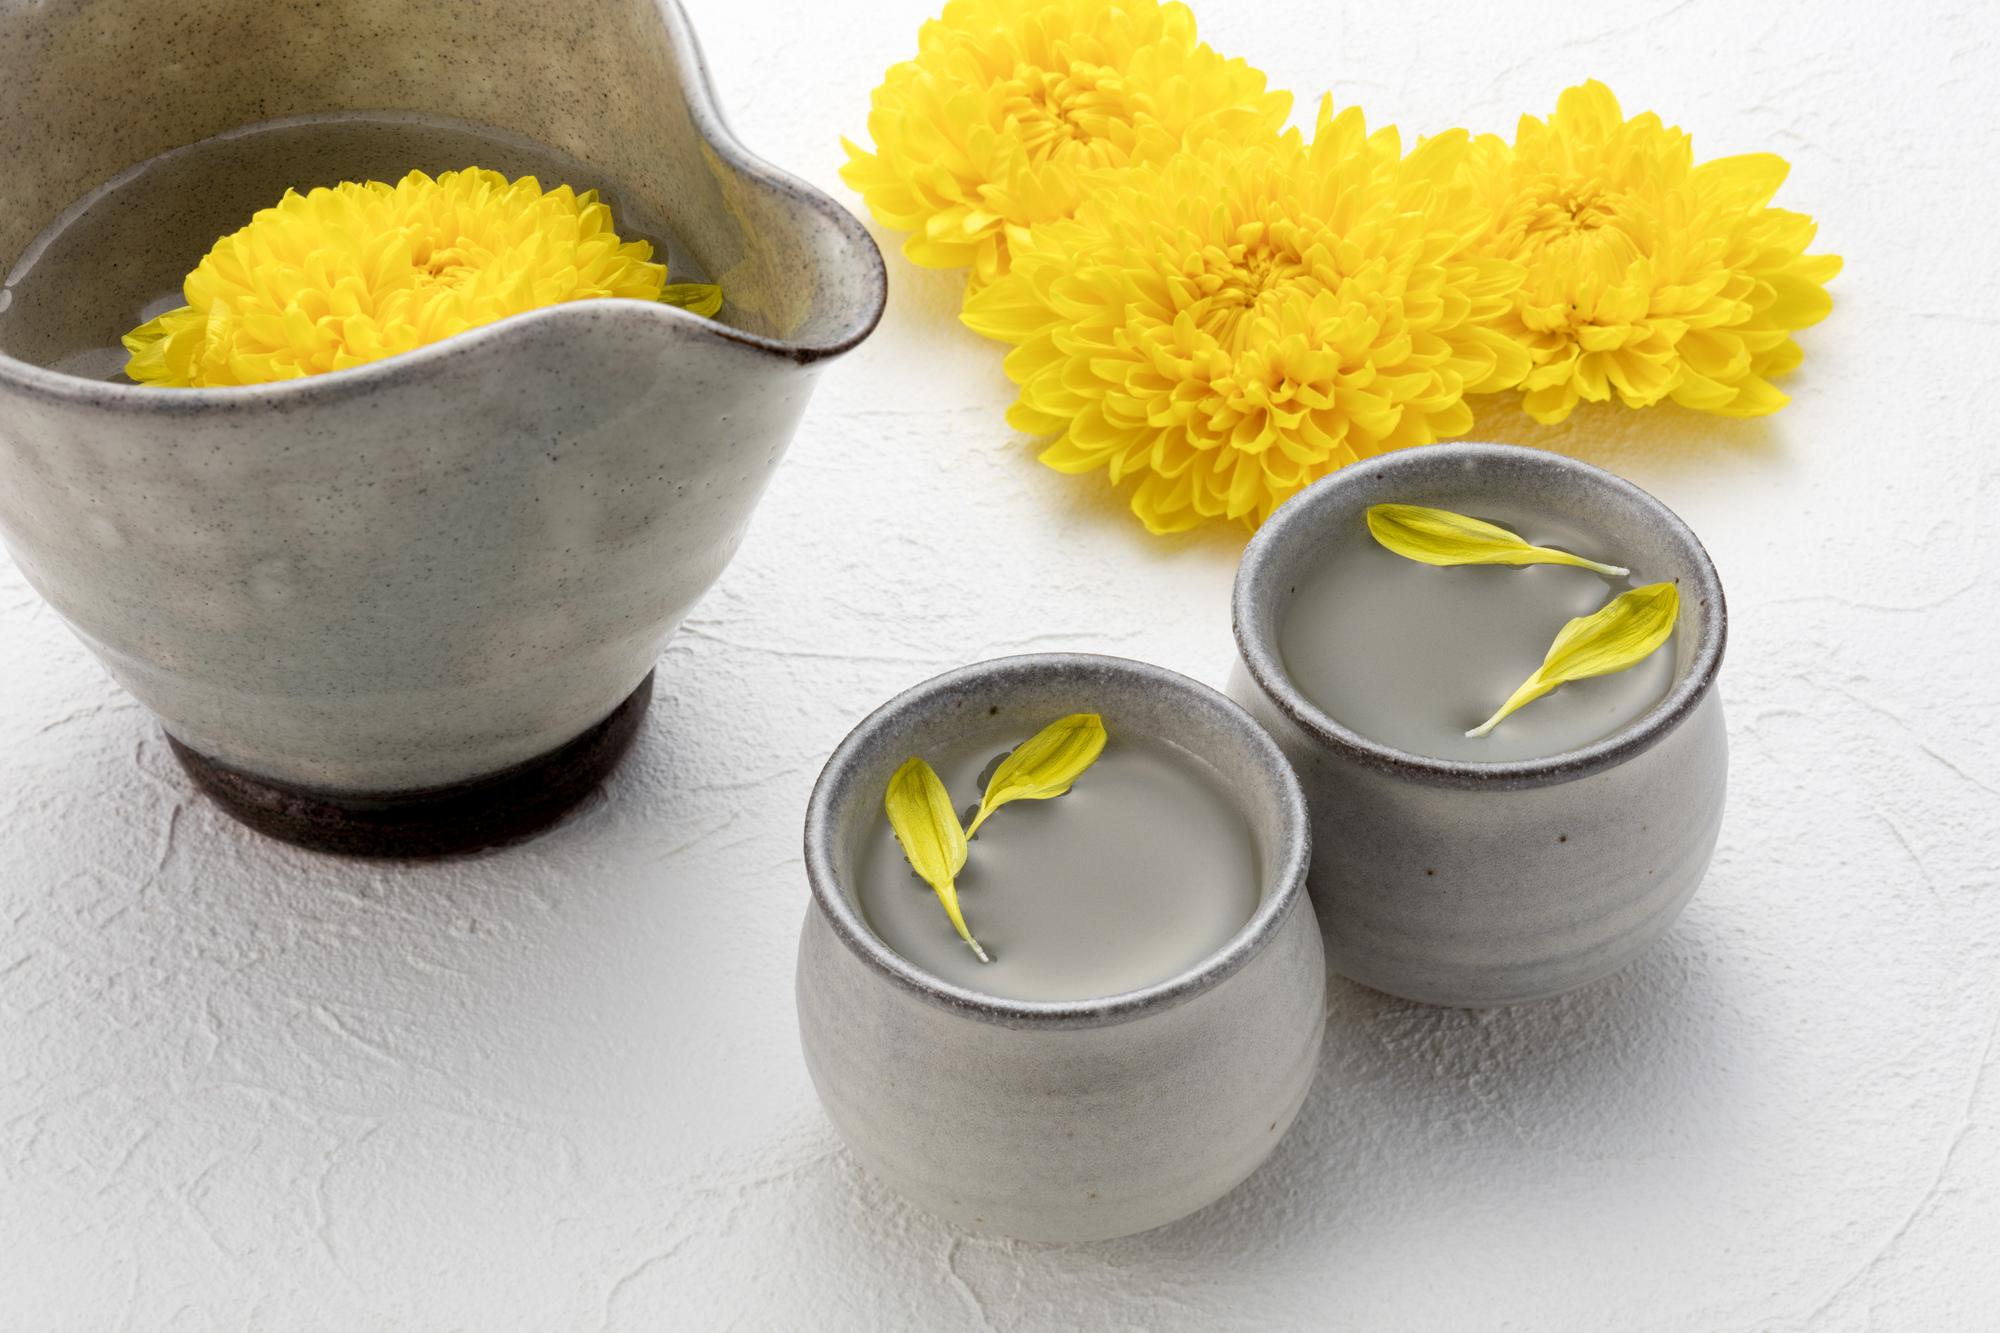 重陽の節句に楽しむ「菊酒」とは?作り方やおすすめの酒も